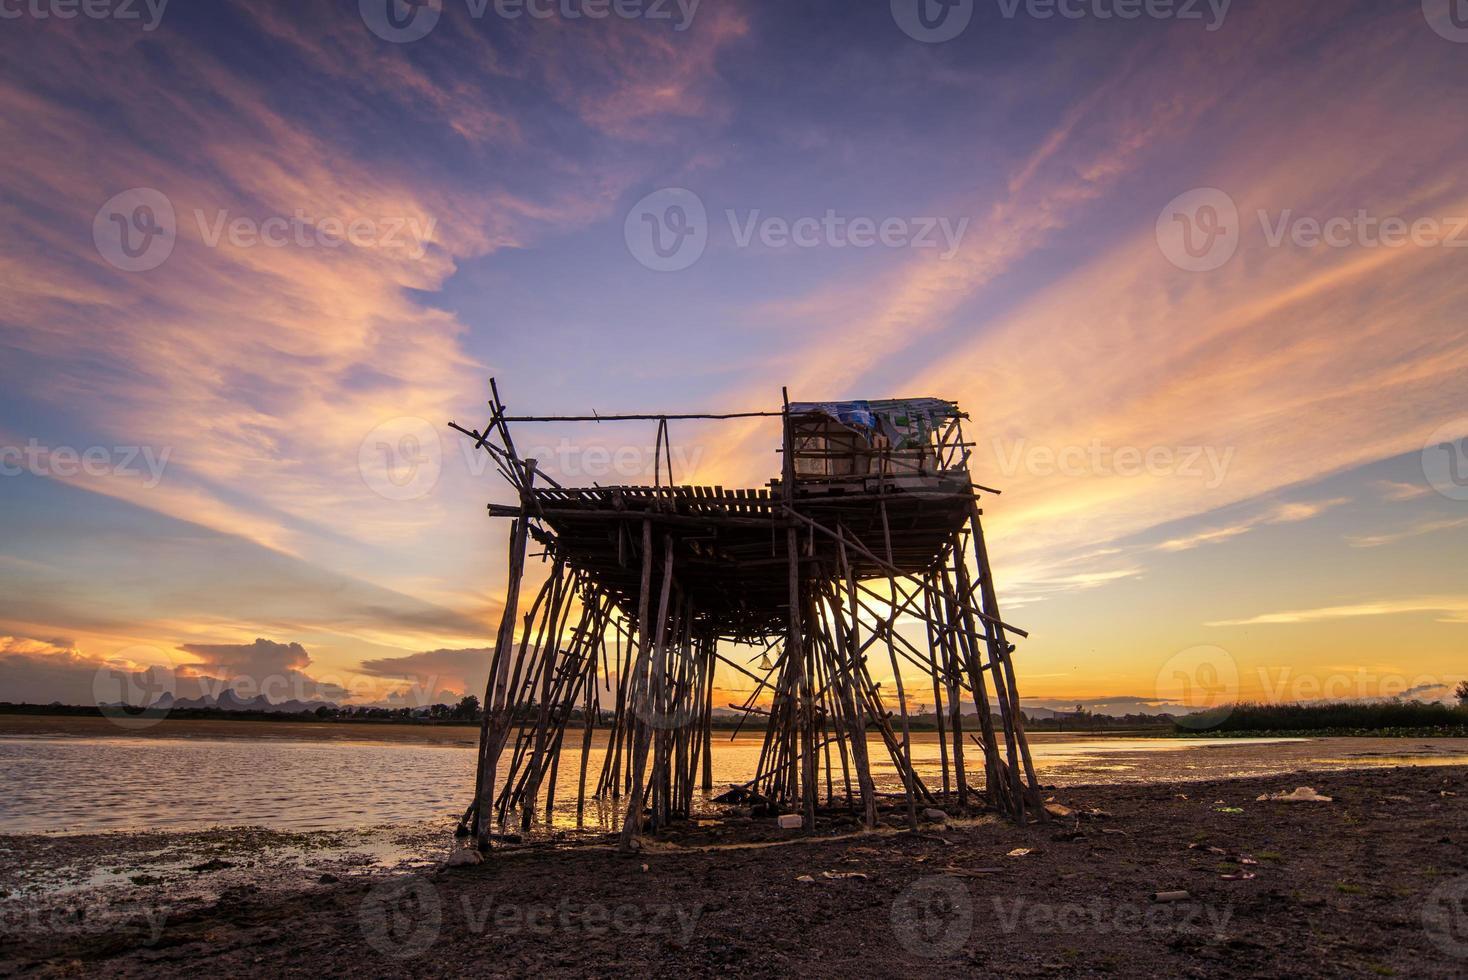 abbandonare la capanna di pescatori in legno nella splendida scena del tramonto foto